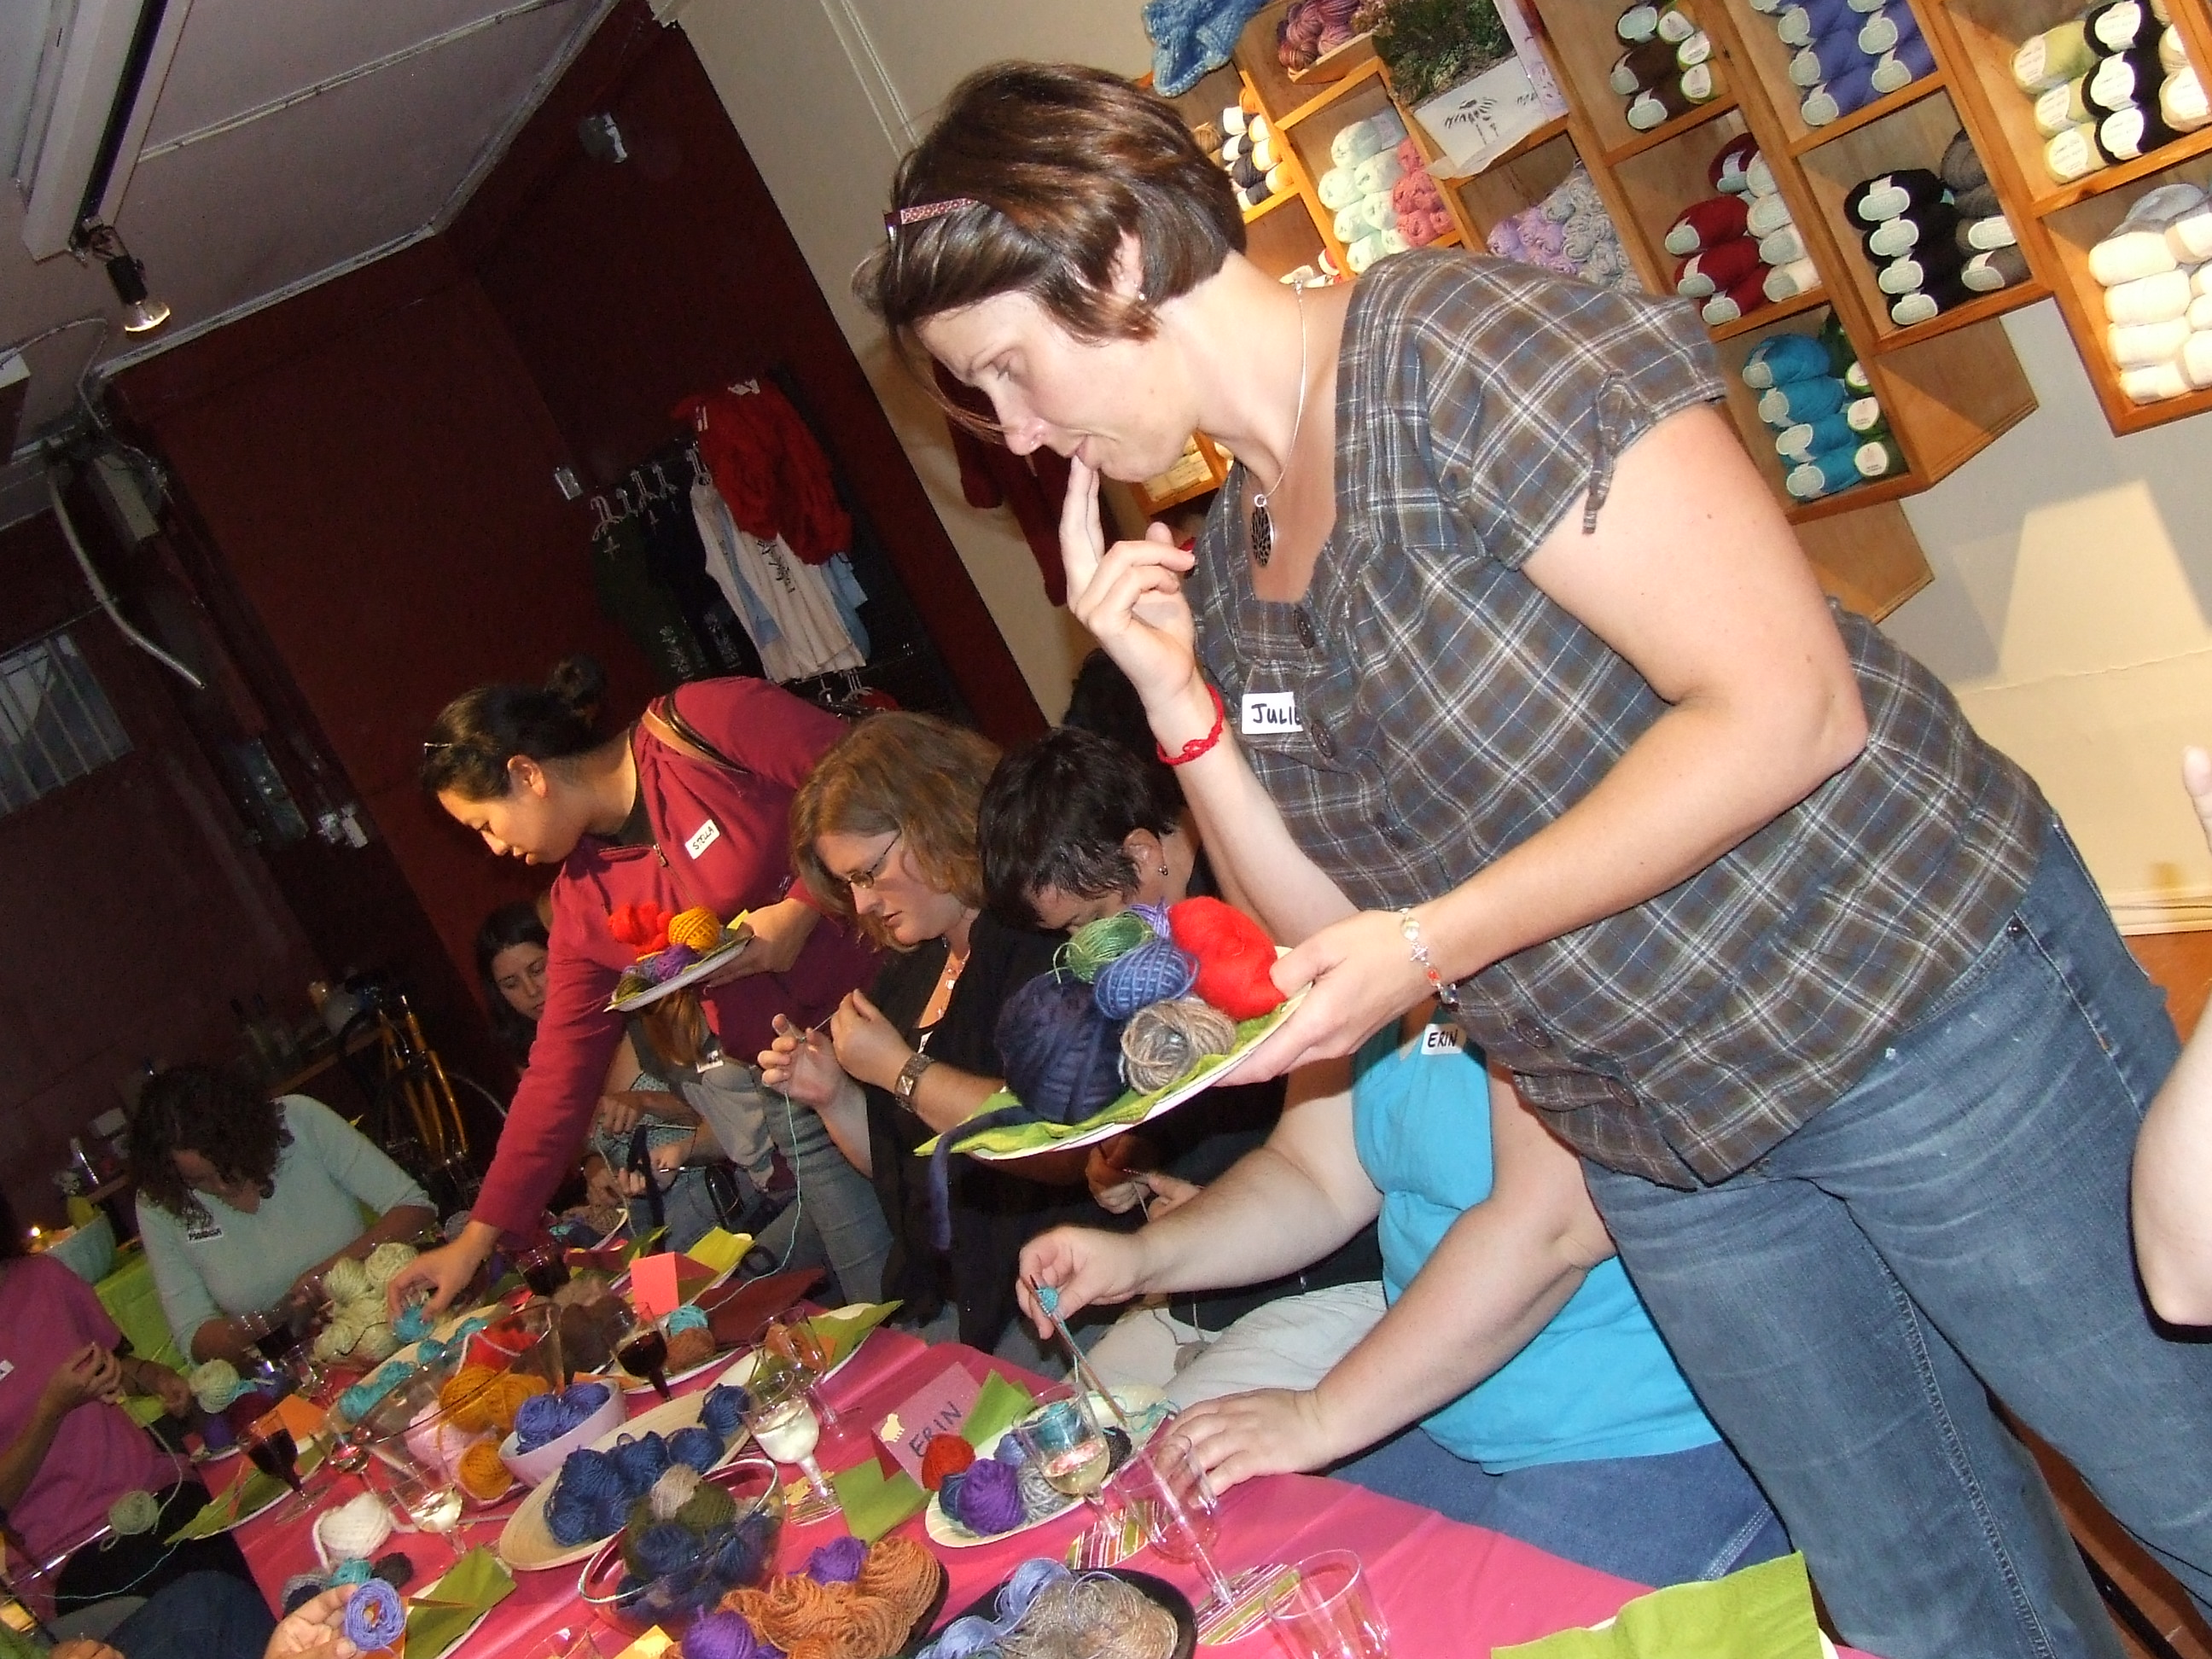 julie deciding which yarn to taste next